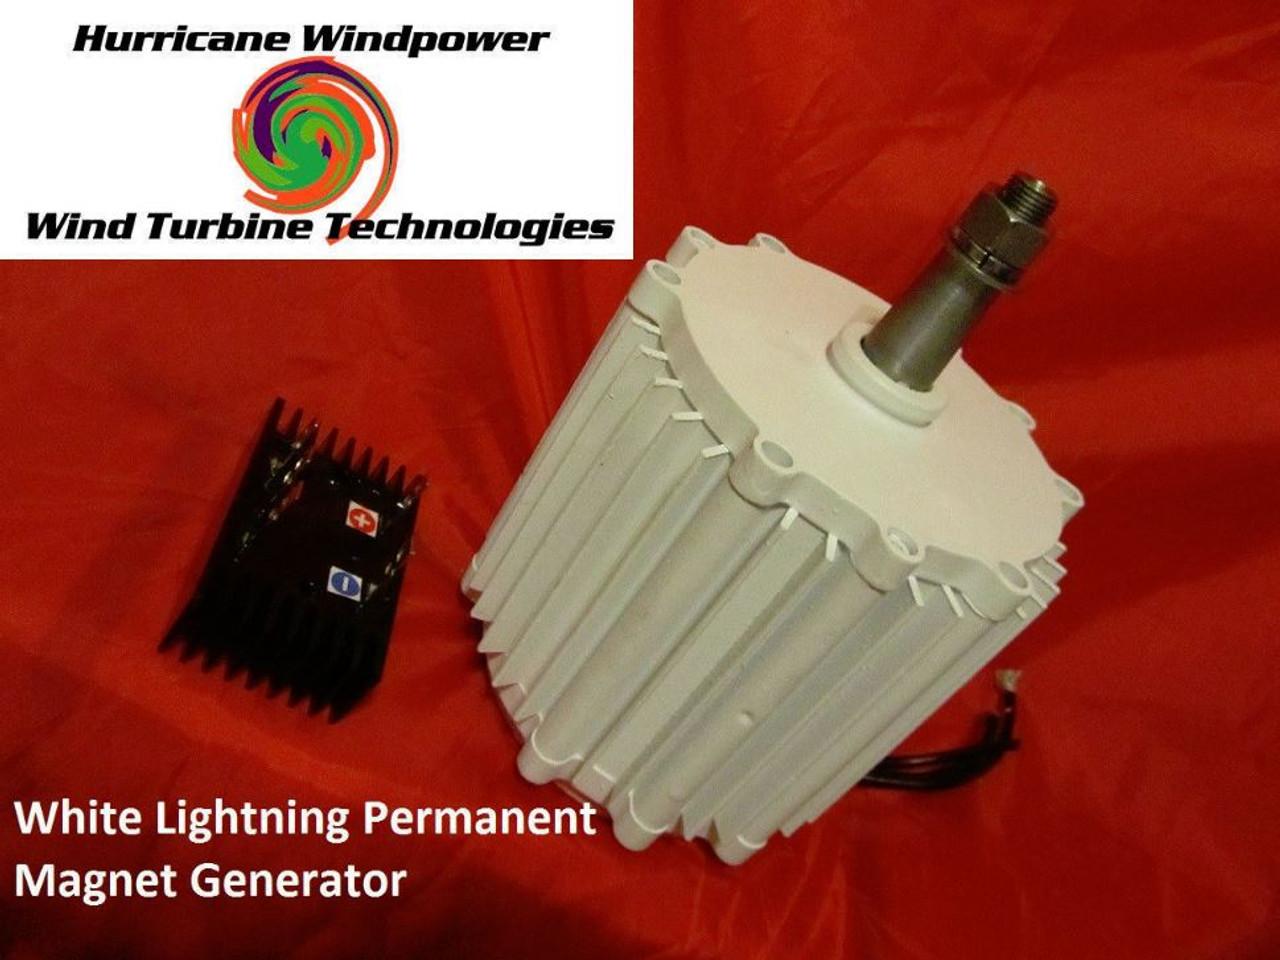 WIND GENERATOR WHITE LIGHTNING 12V 750W PERMANENT MAGNET GENERATOR HURRICANE